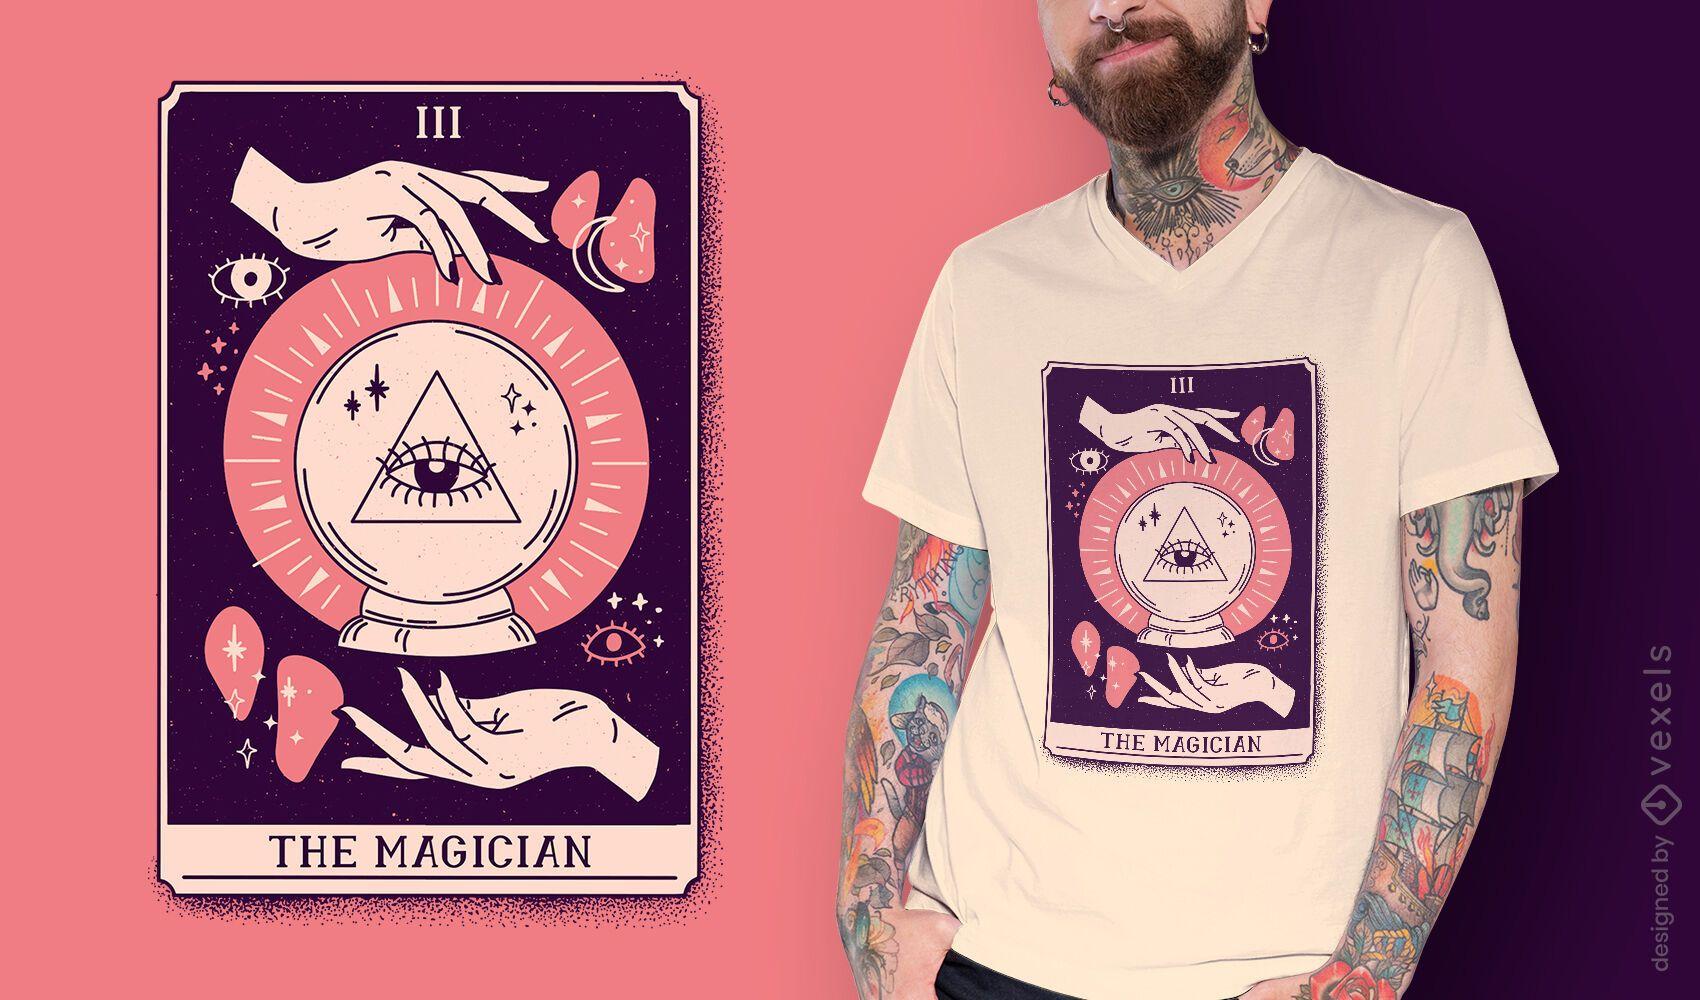 Magier-Tarotkarten-T-Shirt-Design